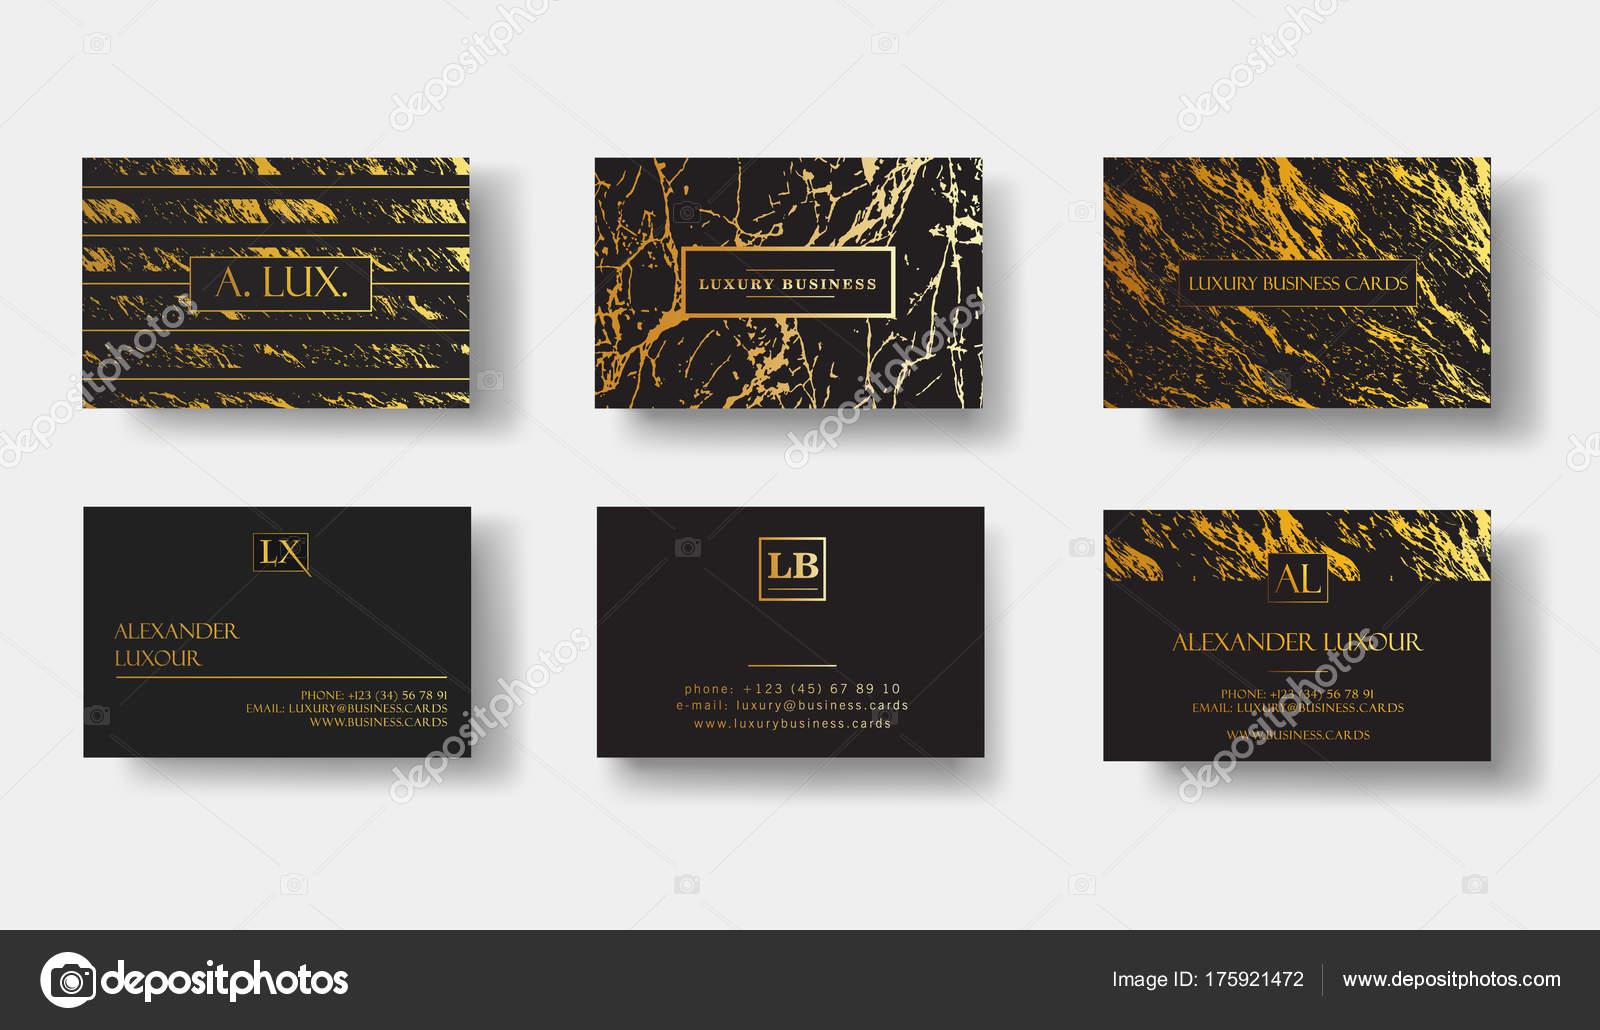 Cartes De Visite Luxe Noir Elegant Ensemble Avec Texture Marbre Et Modele Vecteur Or Detail Banniere Ou Une Invitation Des Details La Feuille Dor